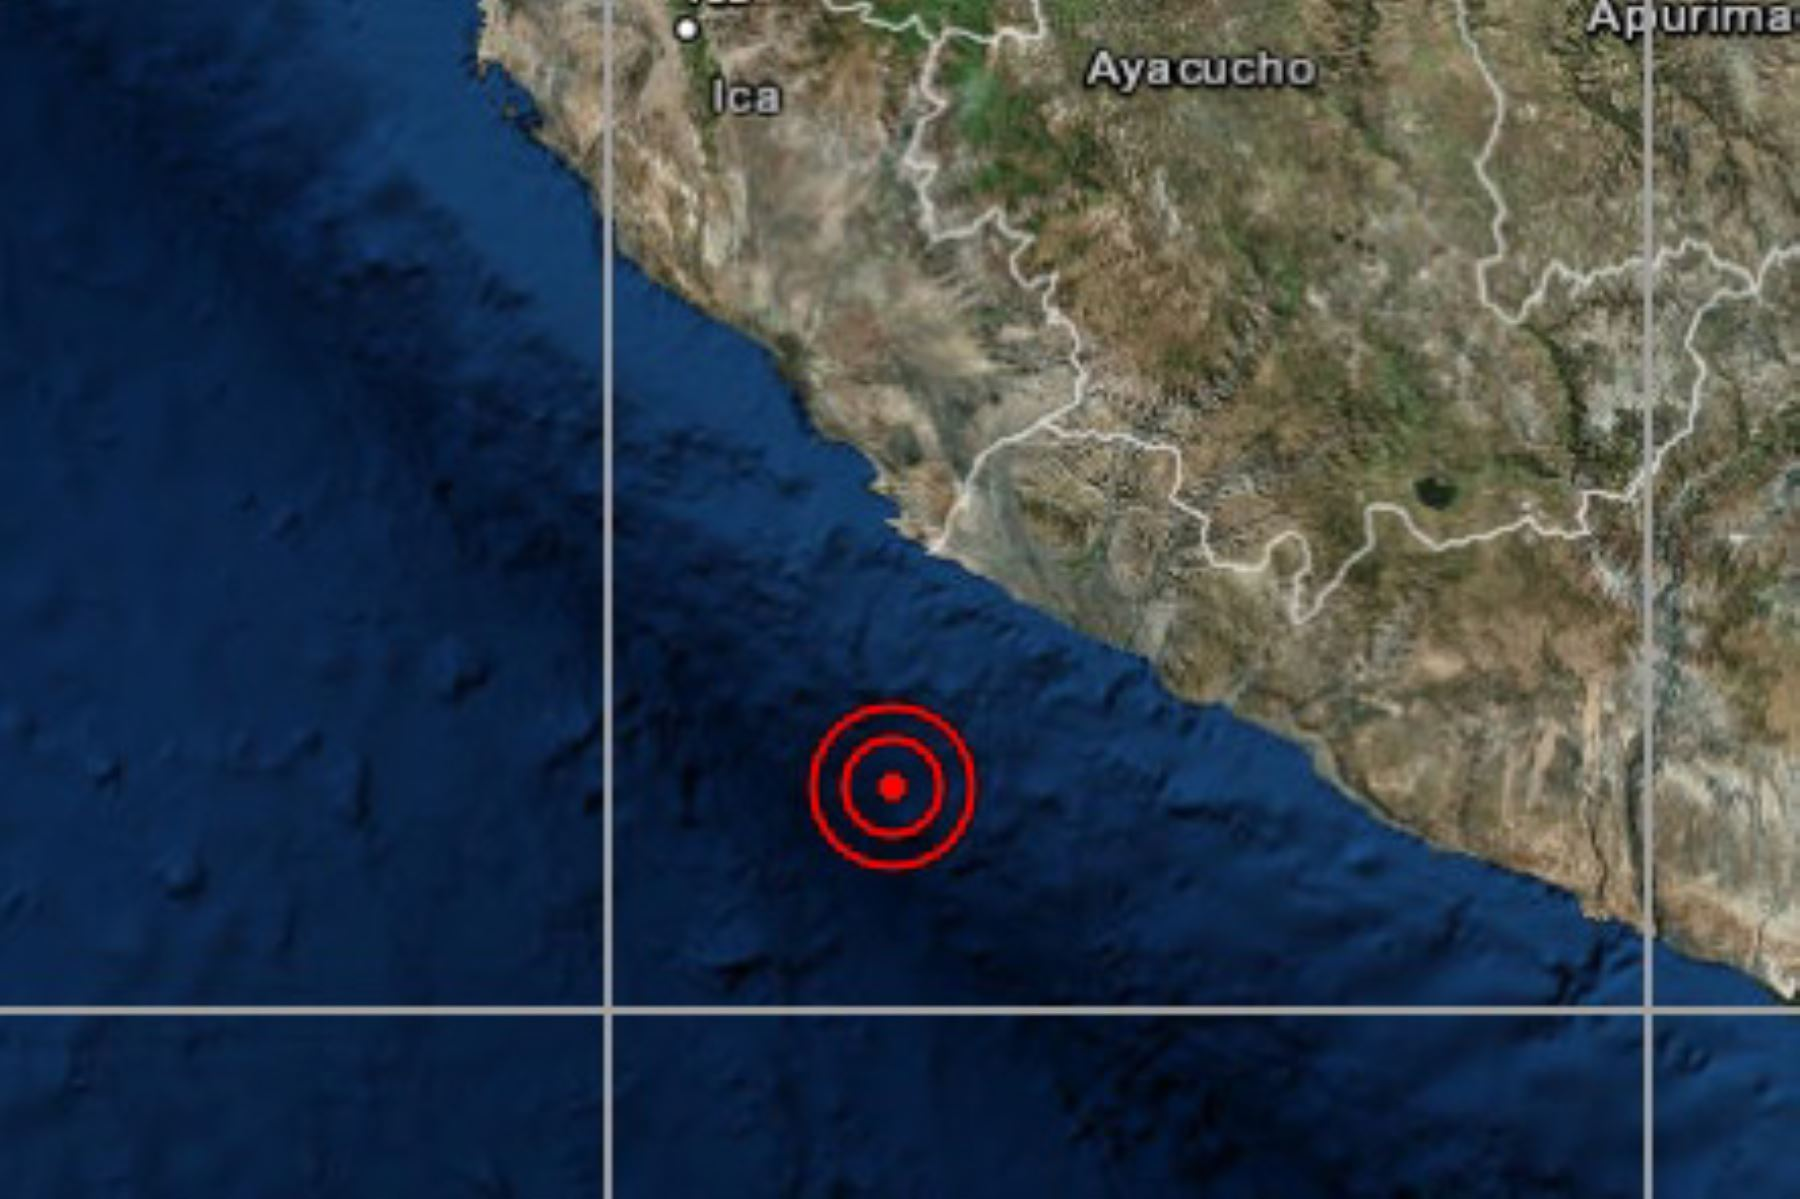 Esta noche se registró un movimiento telúrico de magnitud 3.7 en la ciudad sureña de Caravelí, región Arequipa, informó el IGP. Foto: ANDINA/Difusión